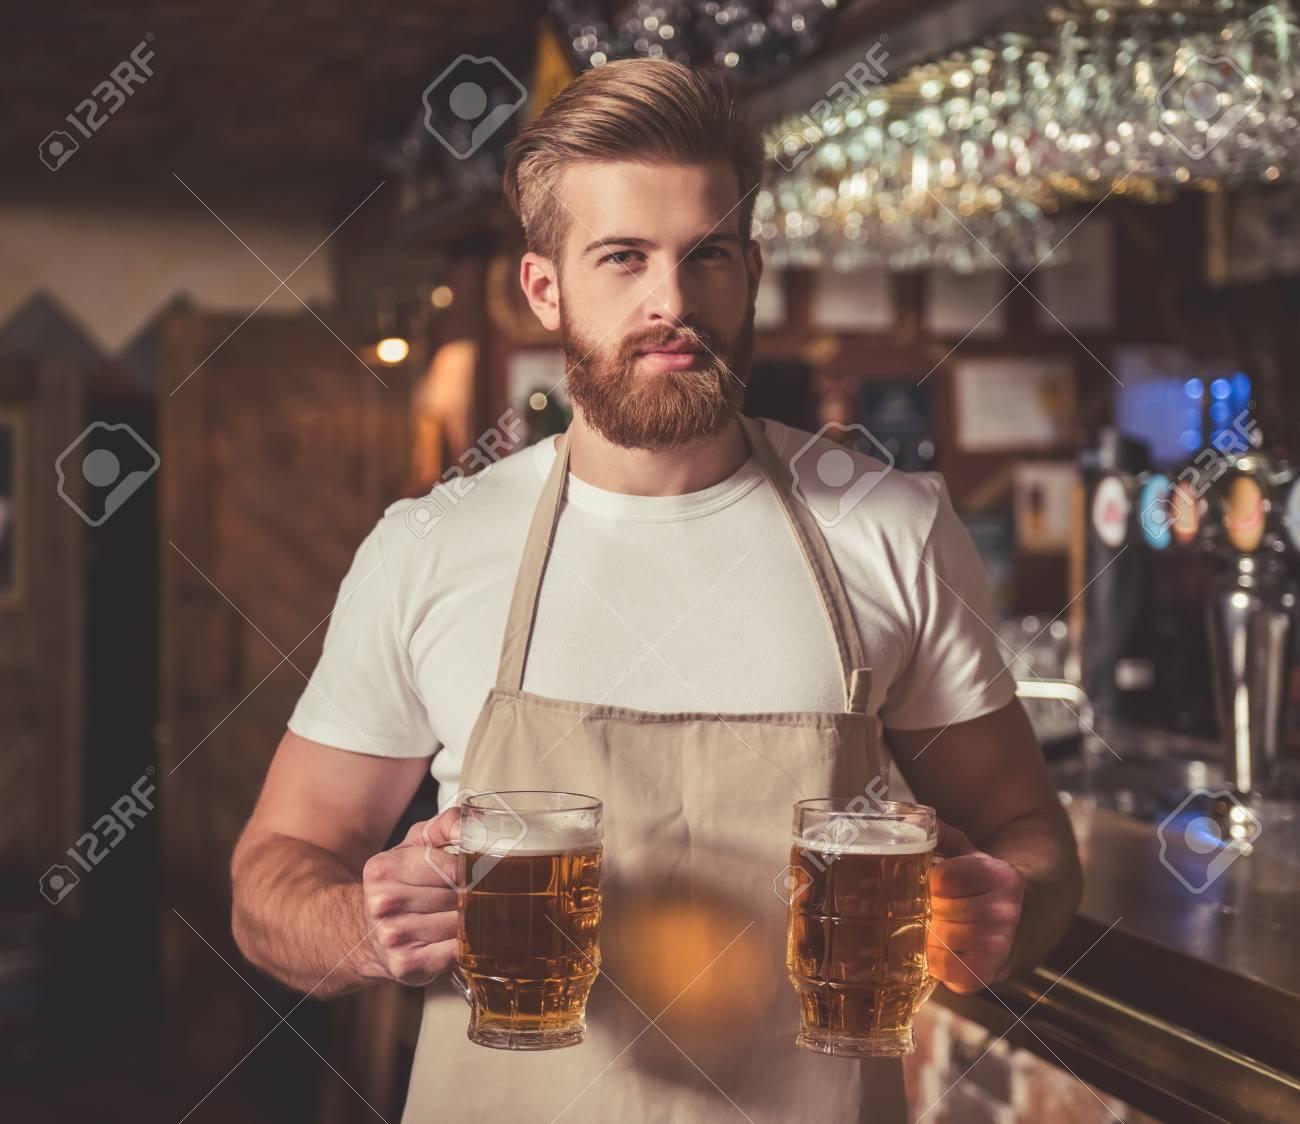 Mi cafetería. - Página 8 71734537-camarero-guapo-con-barba-en-el-delantal-es-la-celebraci%C3%B3n-de-la-cerveza-y-mirando-a-la-c%C3%A1mara-mientras-es